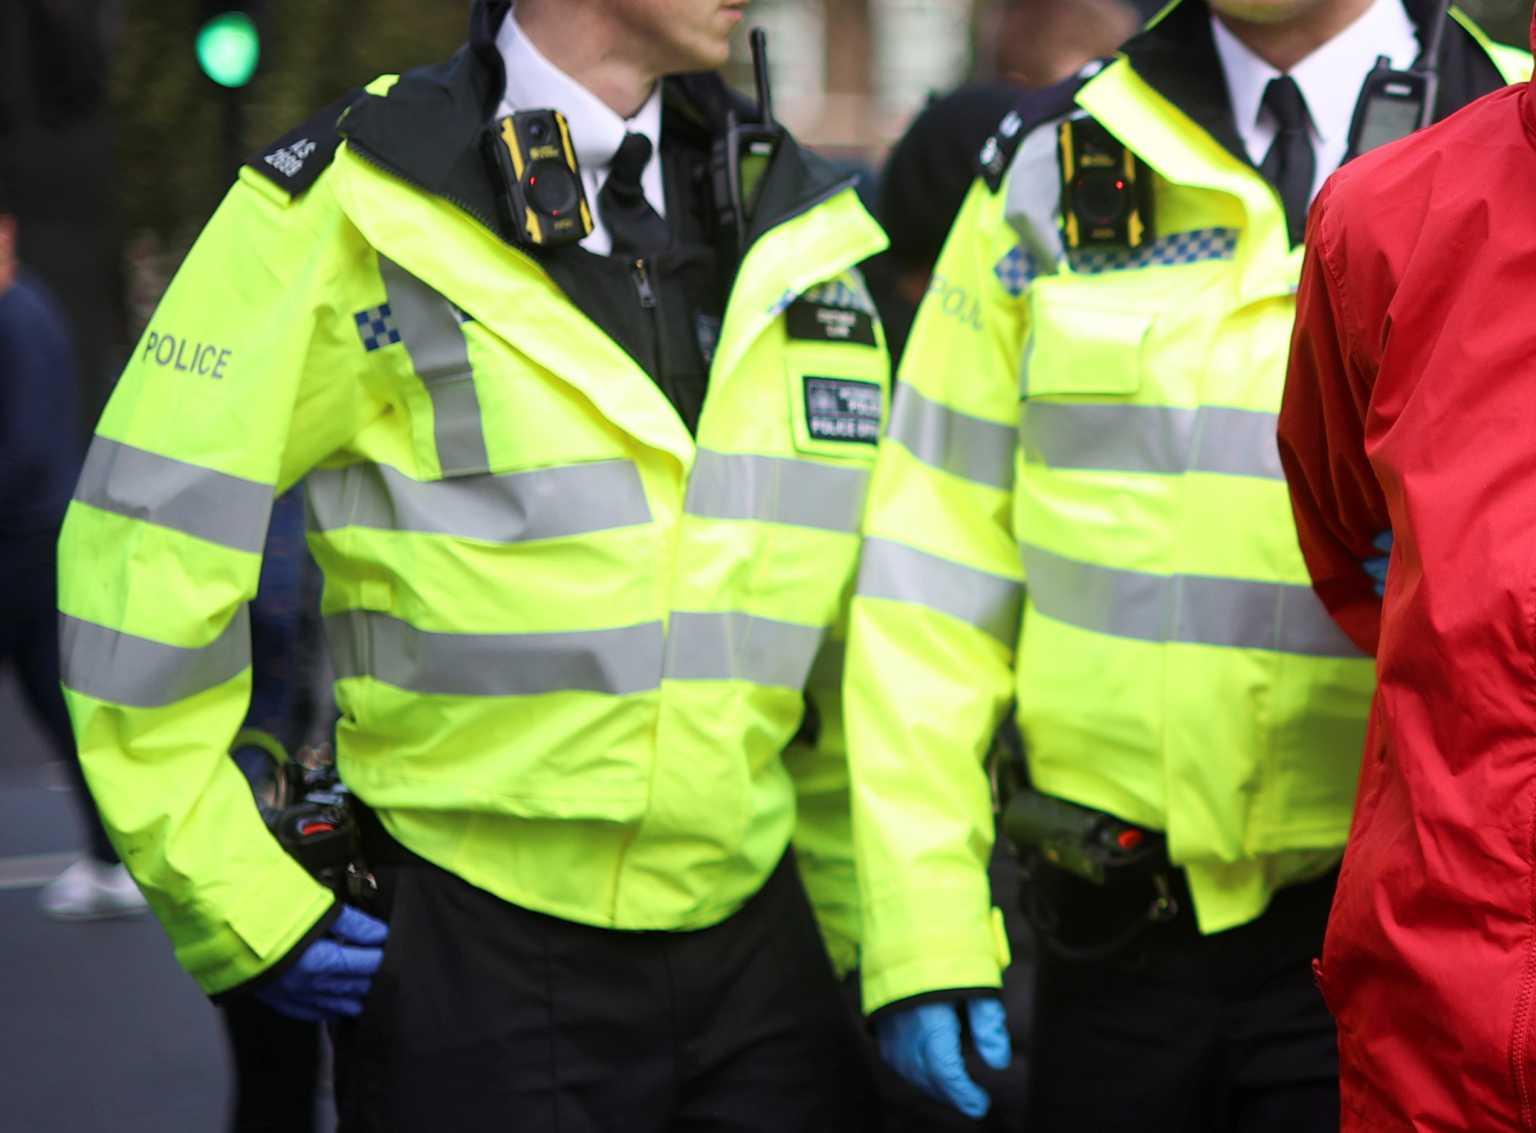 Βρετανία: Συνελήφθη ο άνδρας που μαχαίρωσε βουλευτή